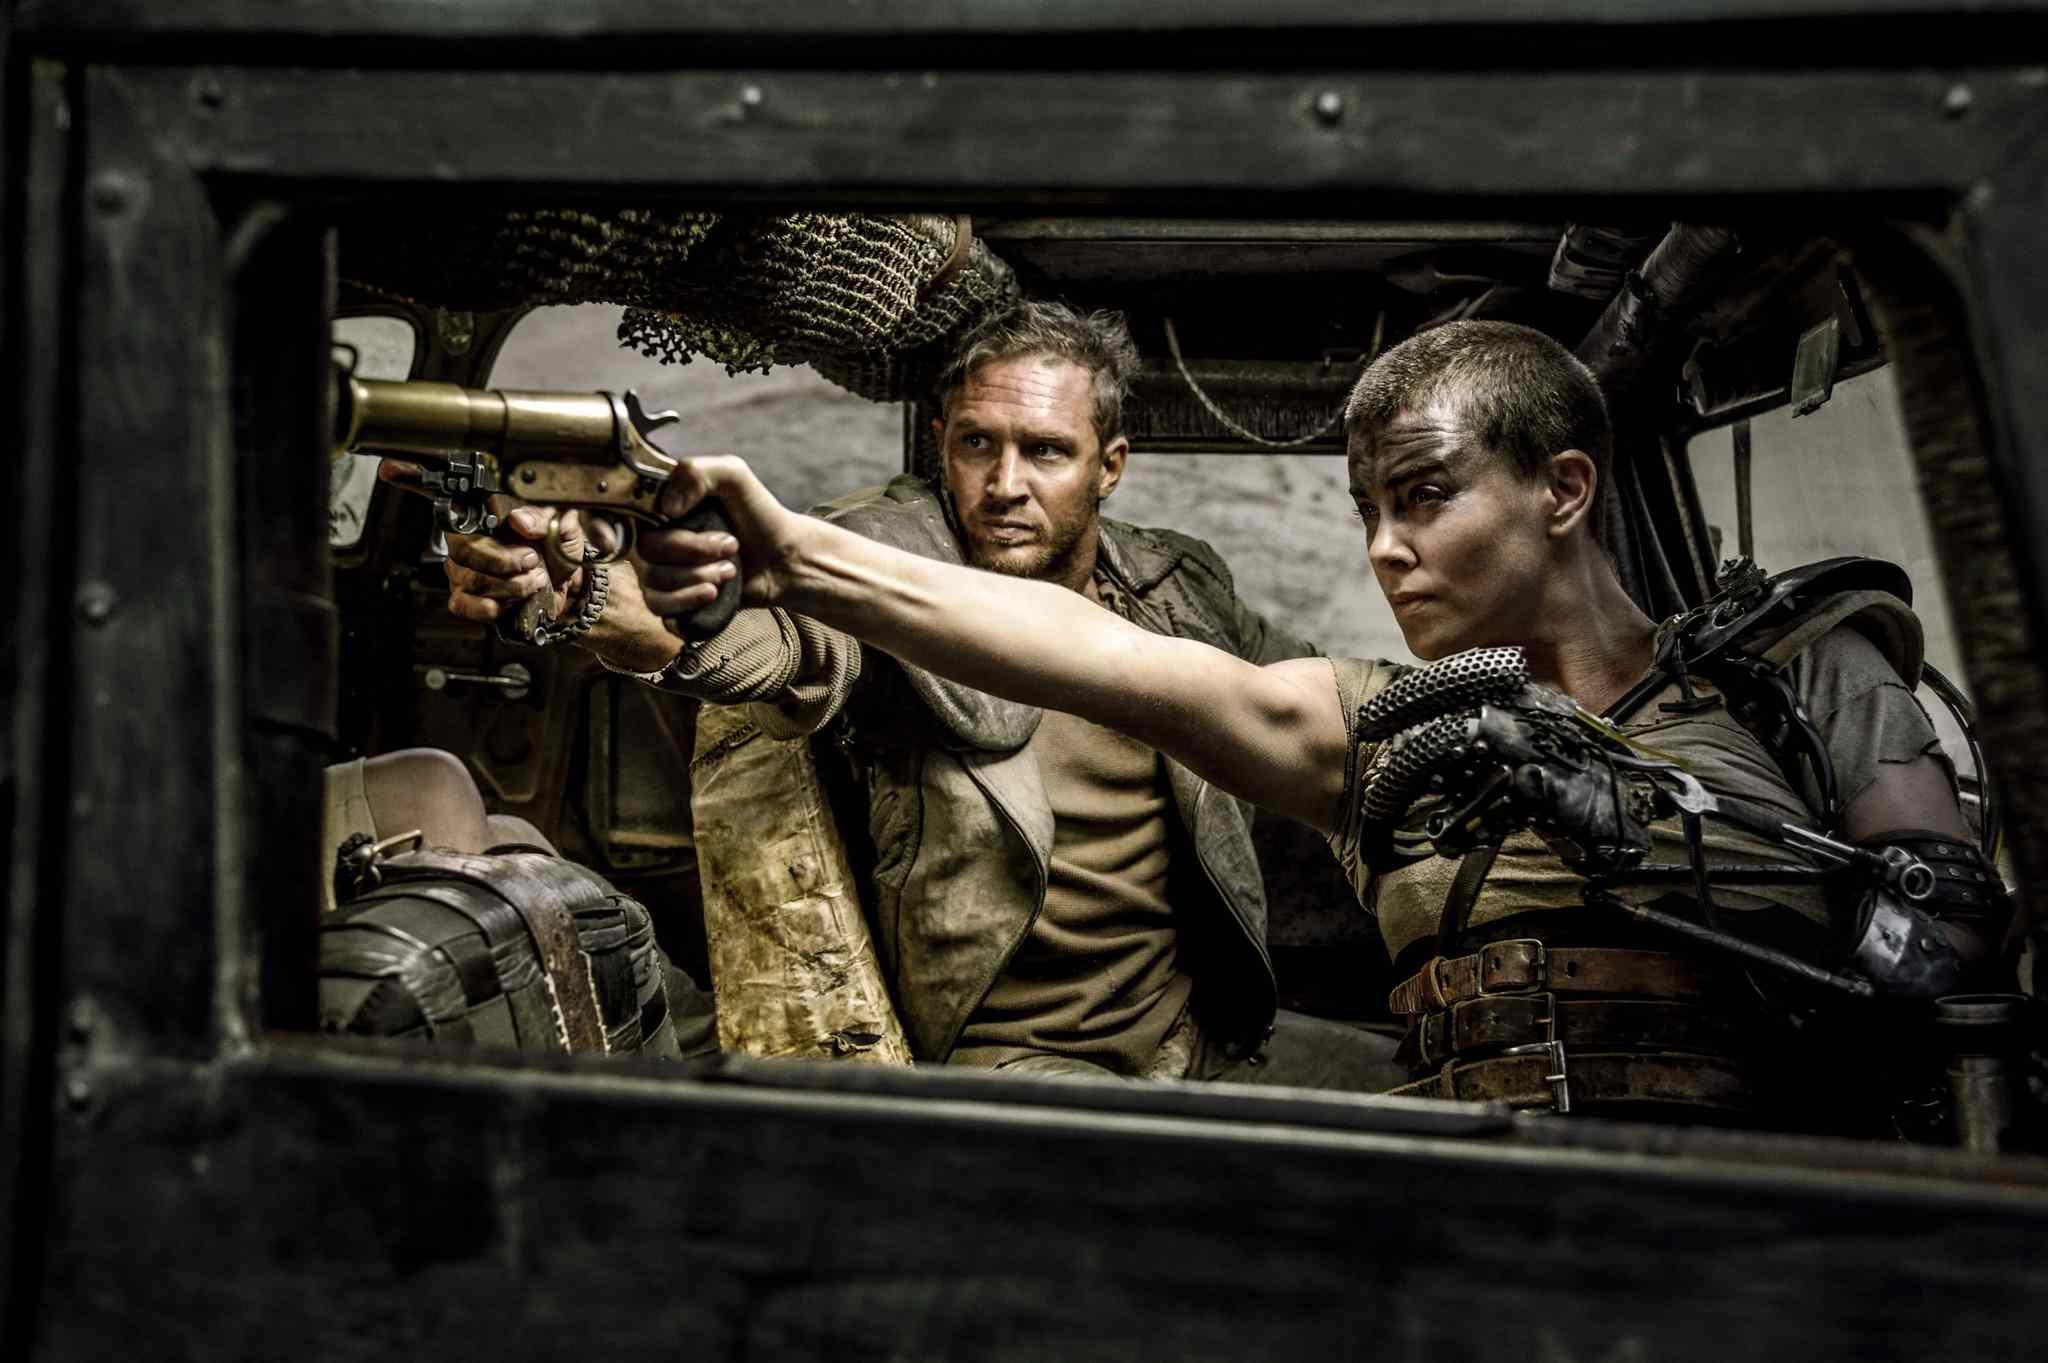 Mad Max: Fury Road official still